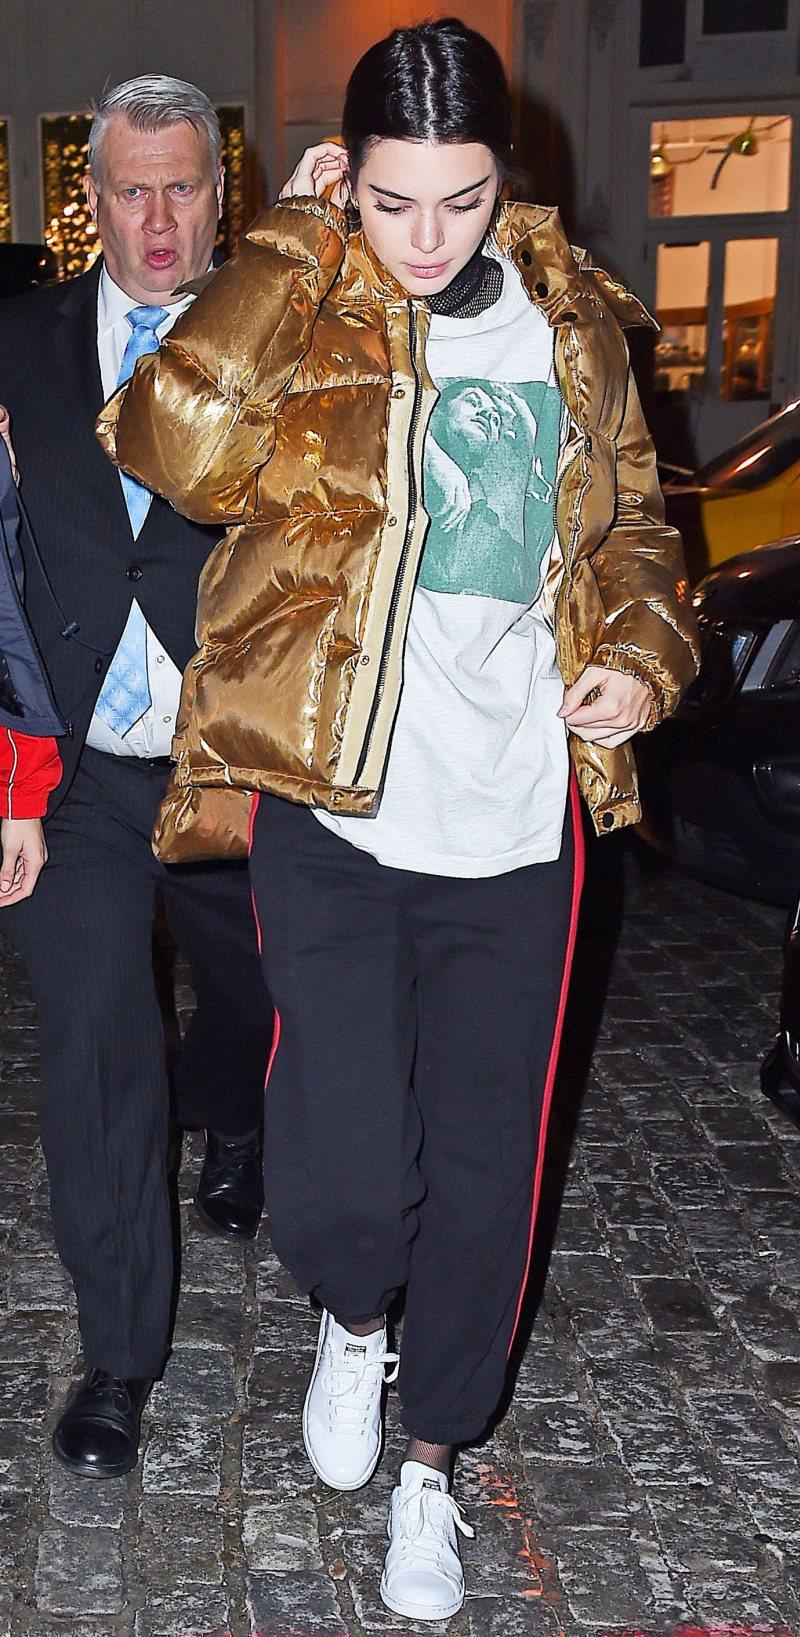 Kendall Jenner xuất hiện năng động trên phố với quần thể thao phối cùng giày sneaker, áo thun và áo khoác phao màu ánh kim sành điệu